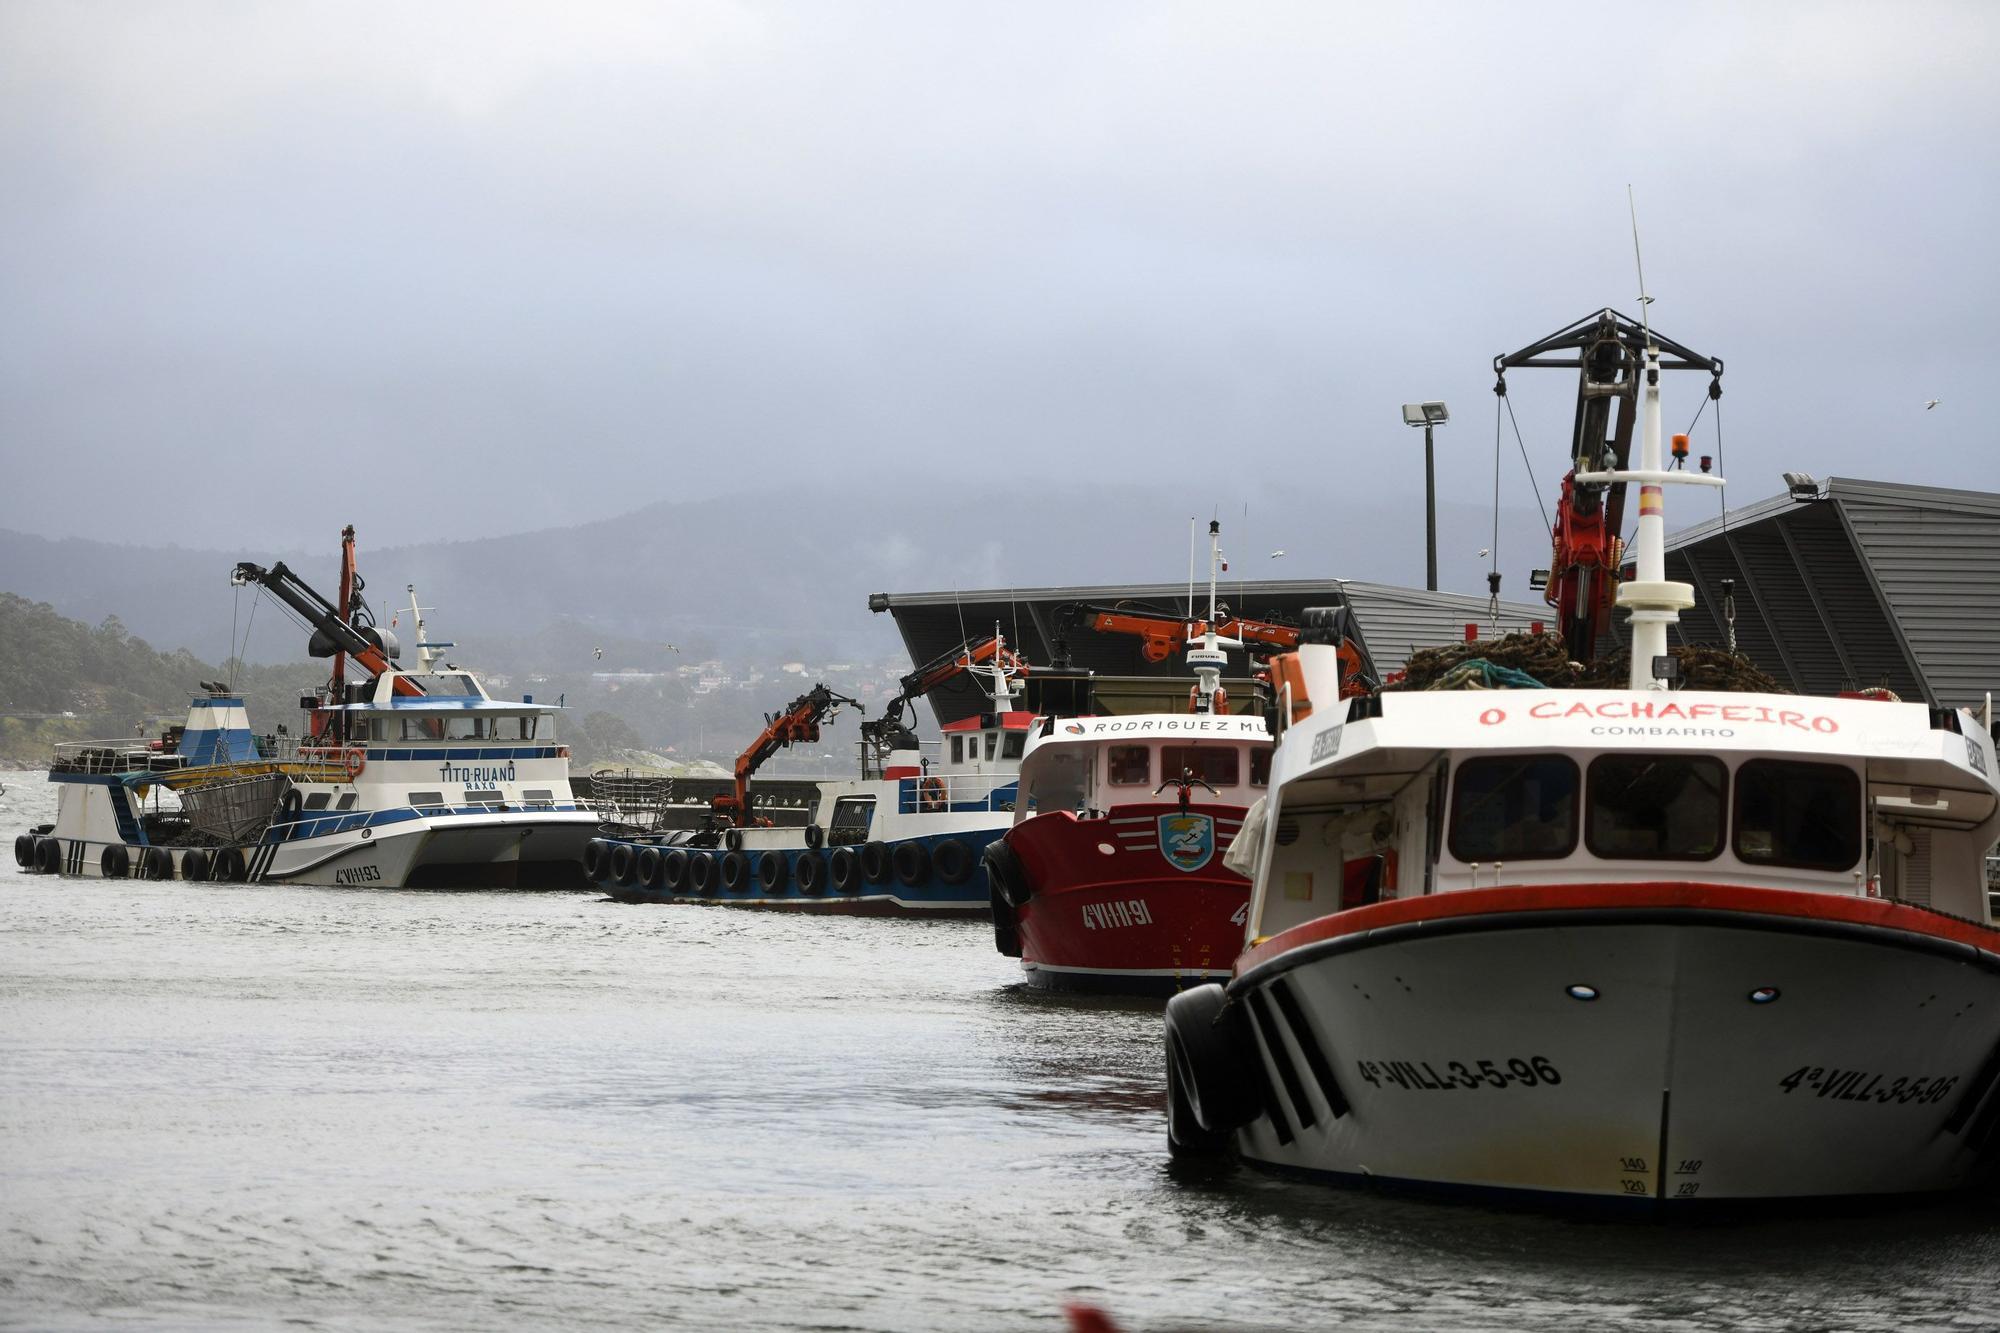 La borrasca Hortense amarra la flota en Poio y Sanxenxo